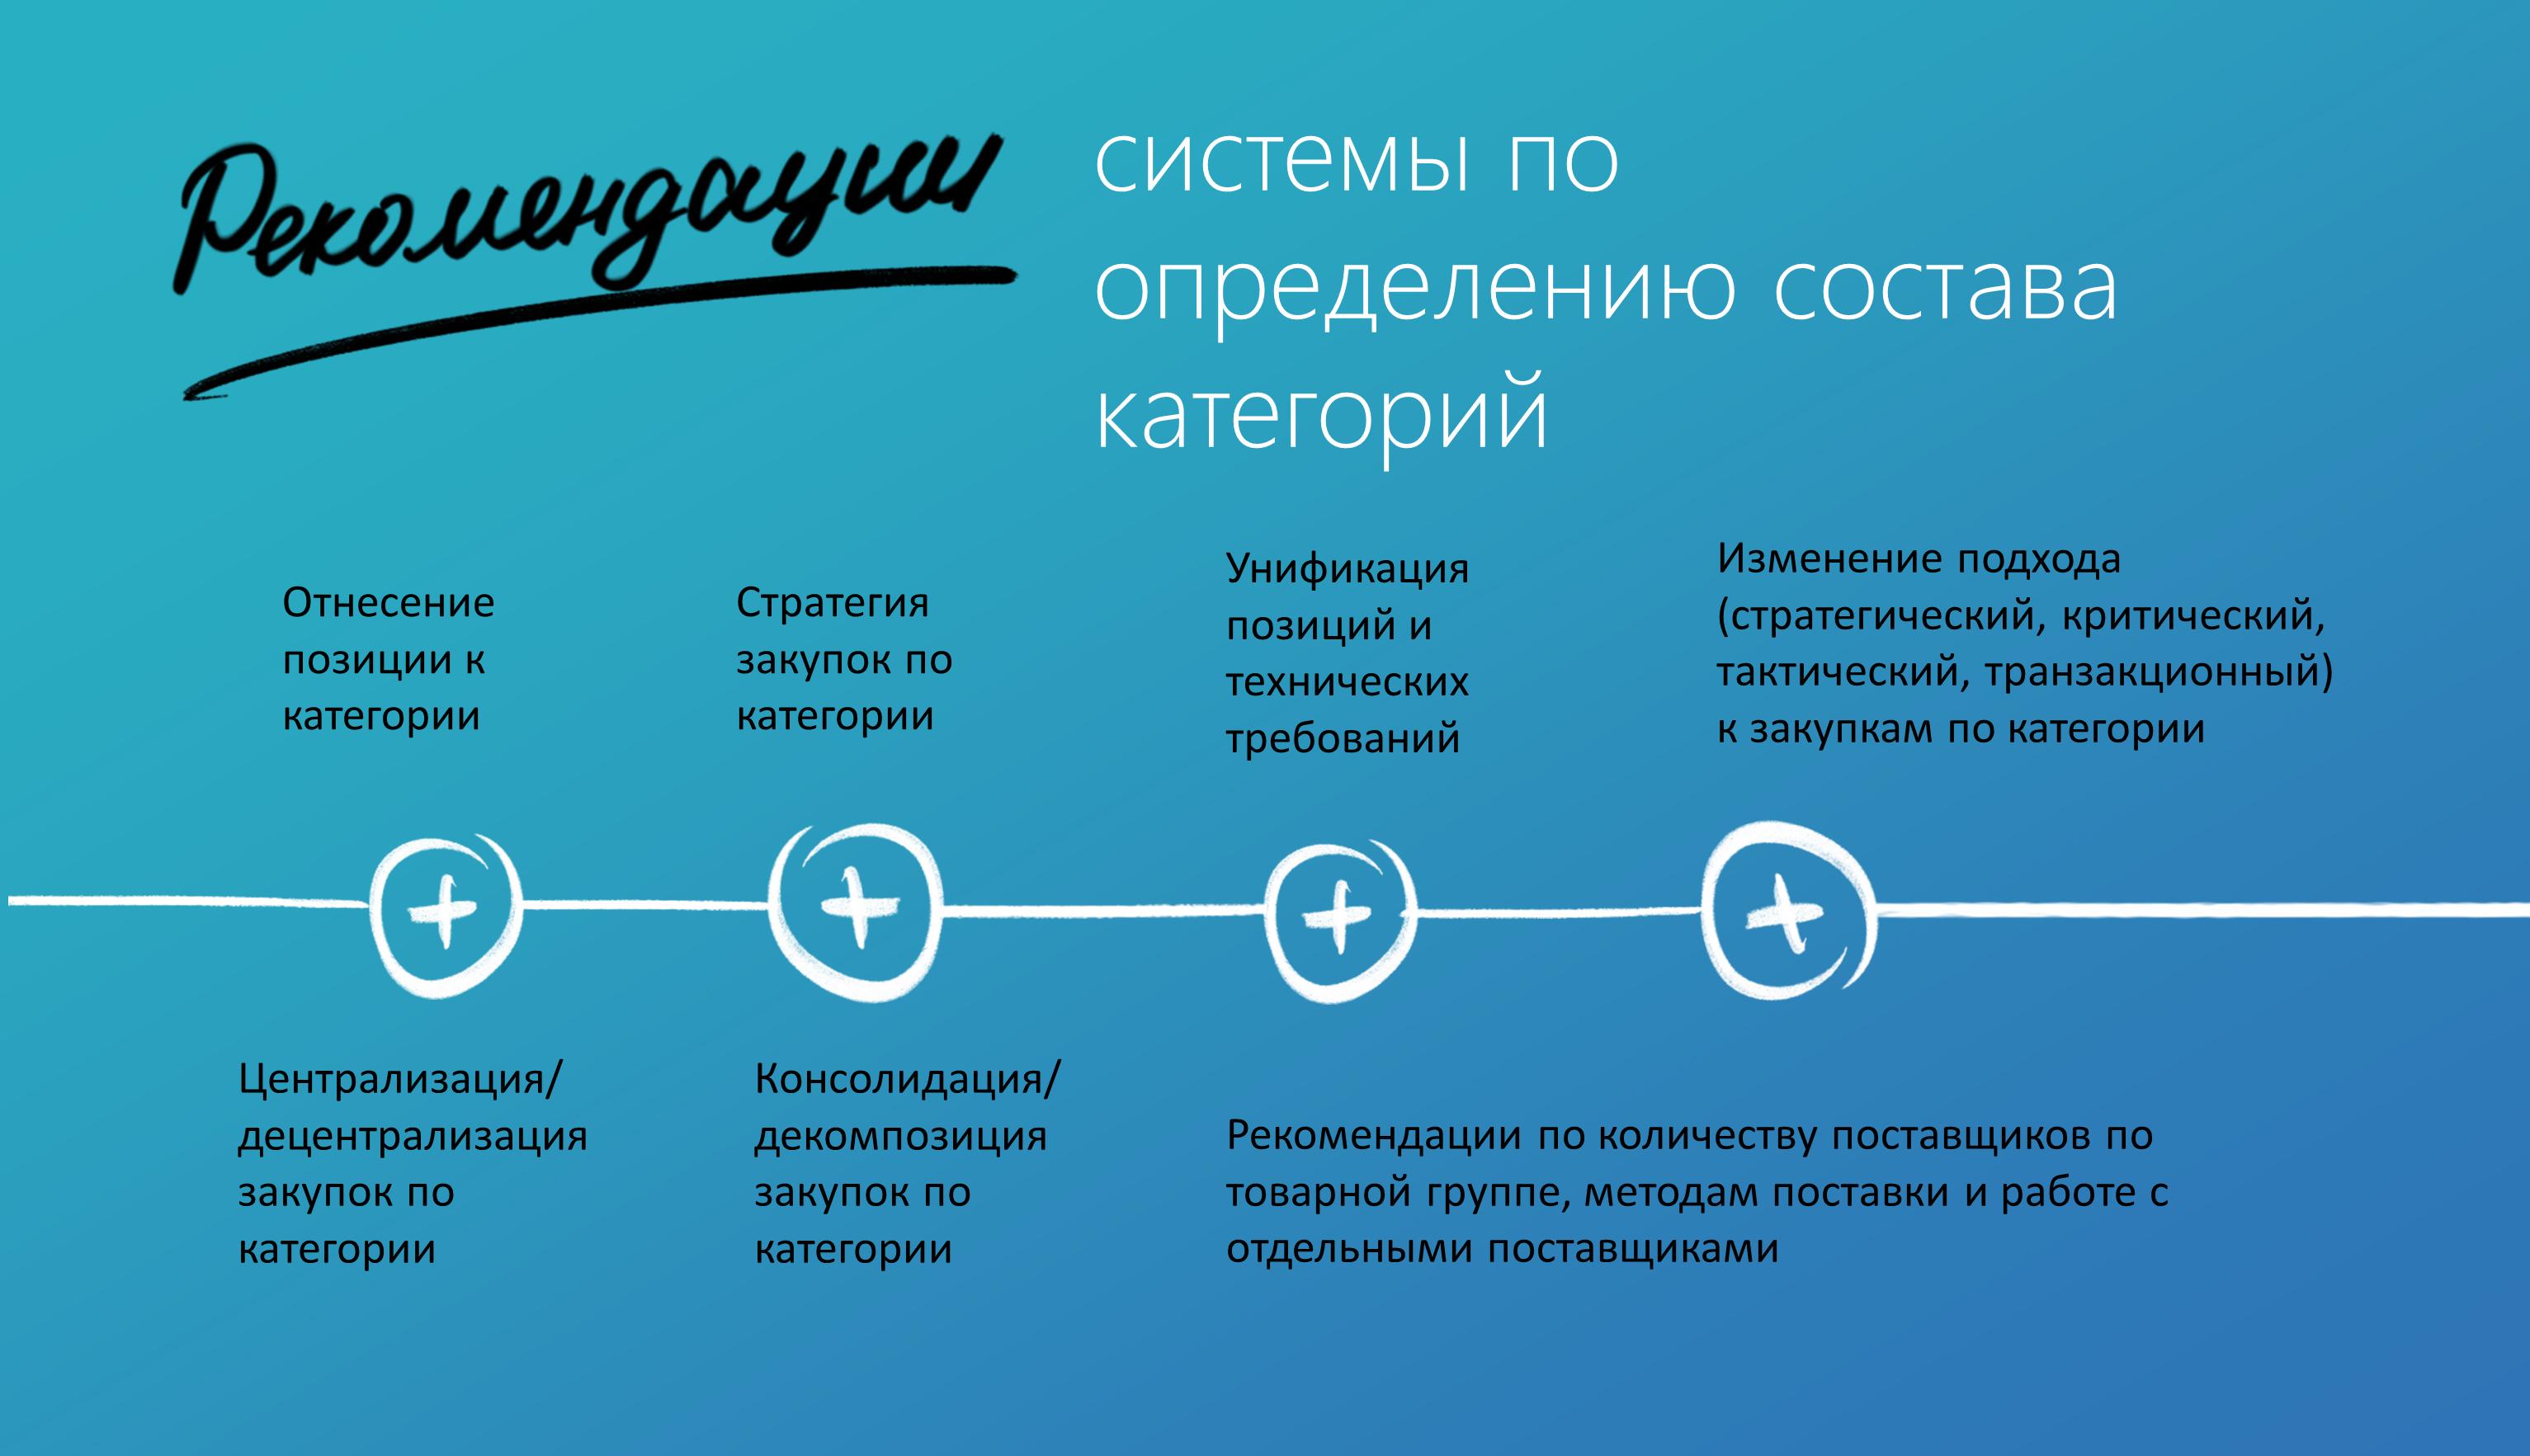 Внедрение категорийного управления и разработка категорийных стратегий